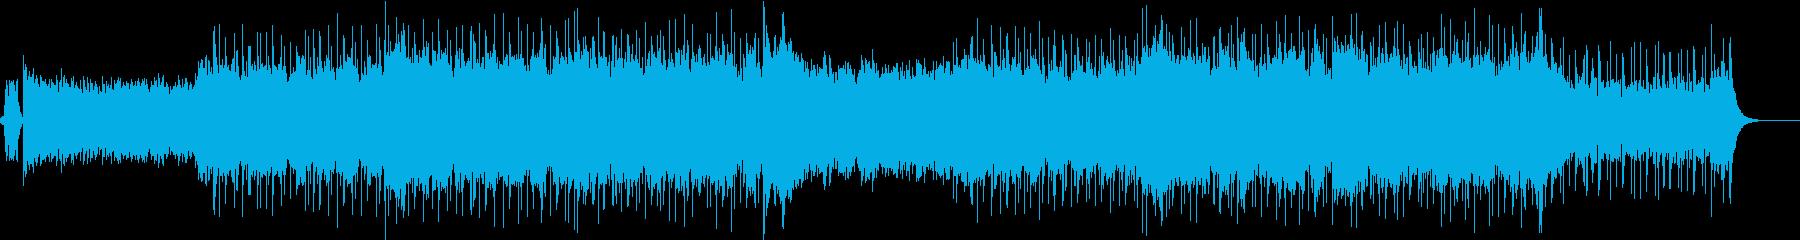 ロックリズムのシンセリードとアンサンブルの再生済みの波形